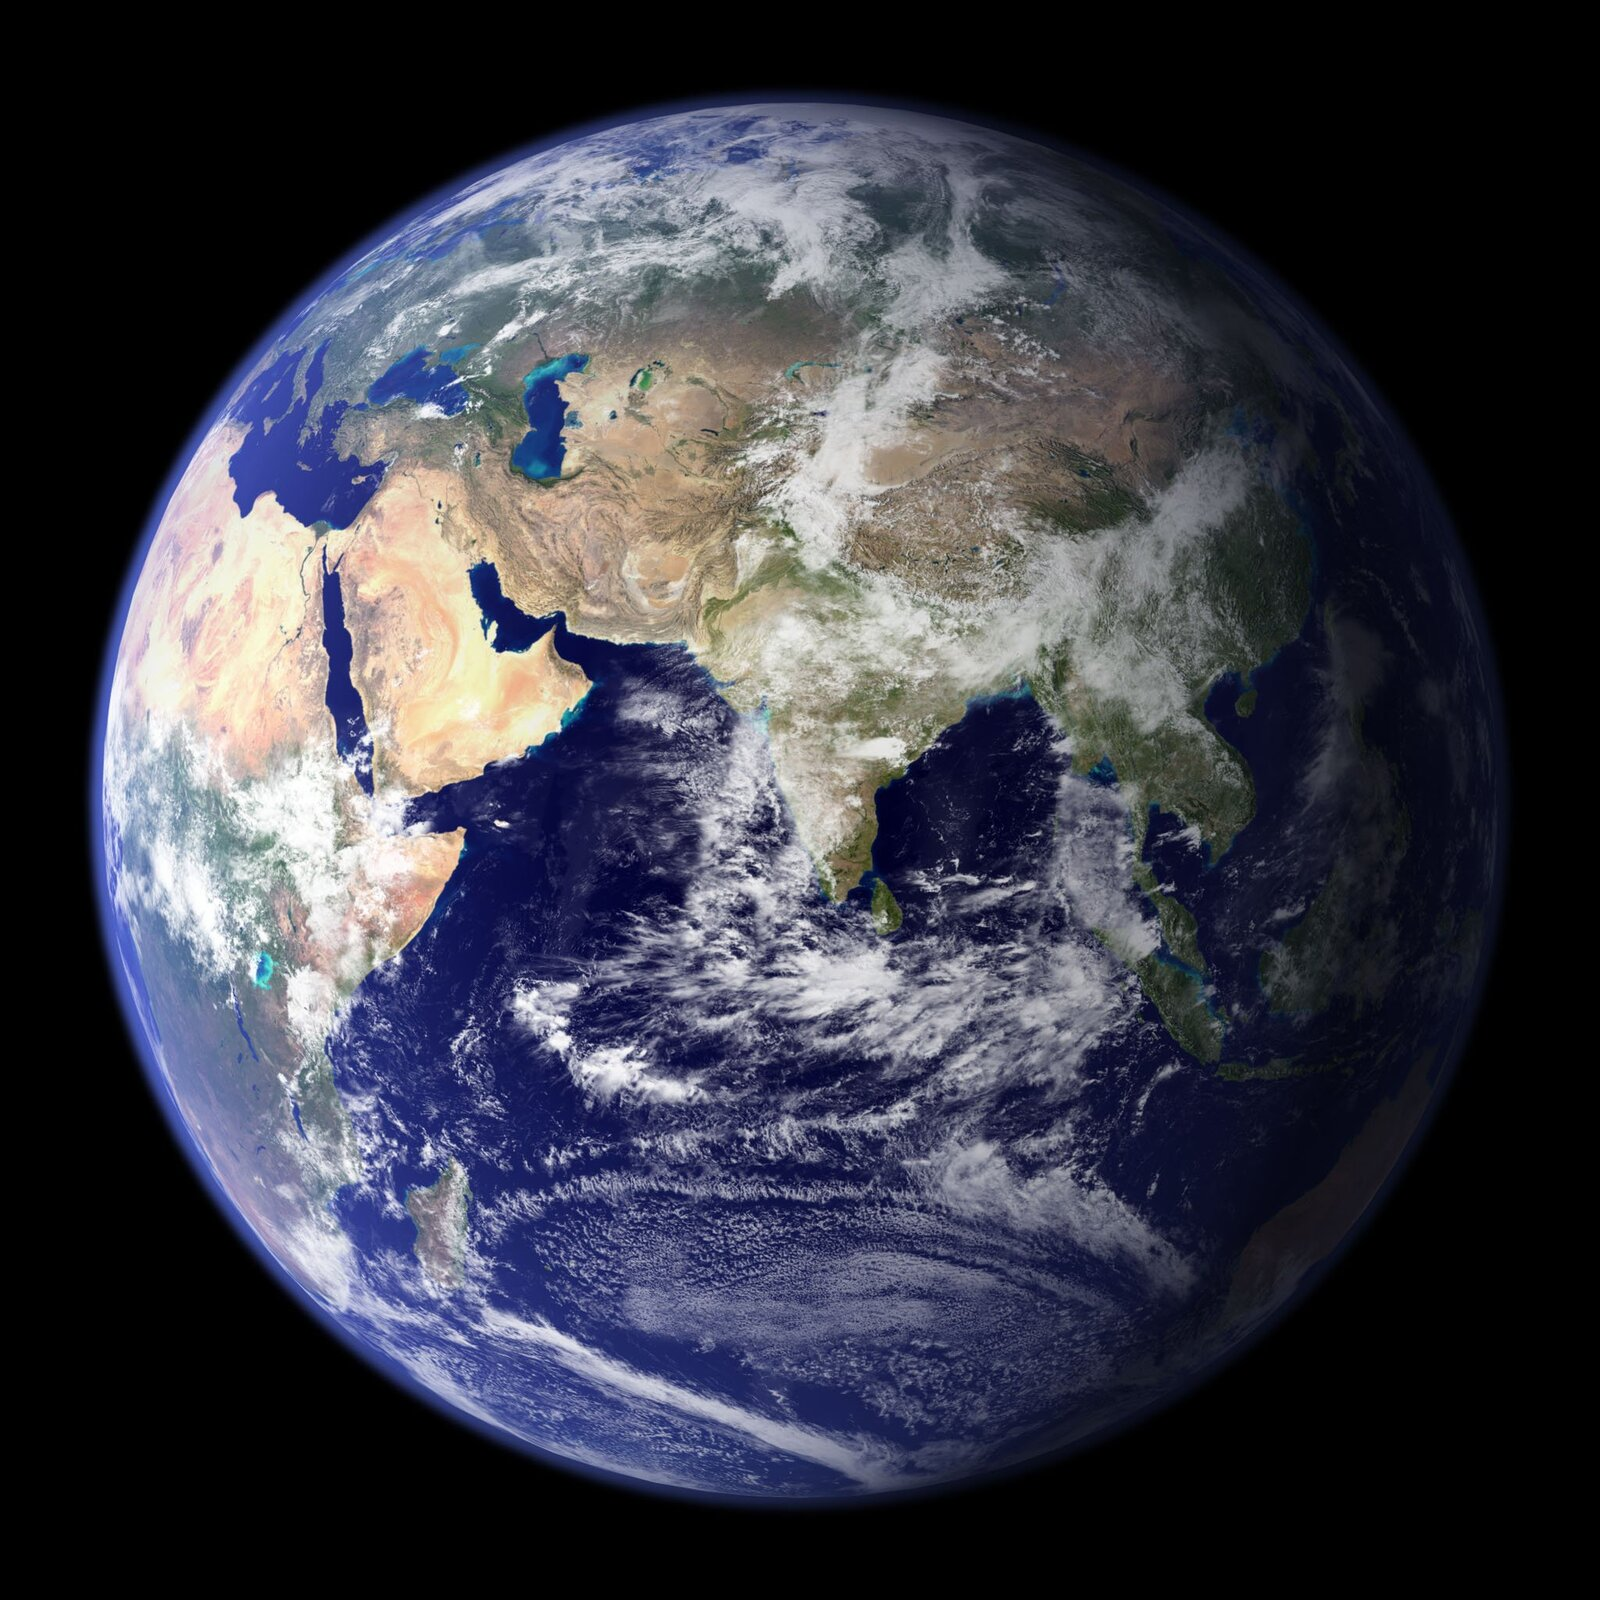 Zdjęcie przedstawia Ziemię zkosmosu. Wcentrum zdjęcia Półwysep Indyjski iAzja Centralna, po lewej stronie Afryka iEuropa. Słońce najbardziej intensywnie oświetla Afrykę iEuropę, Japonia iIndochiny wcieniu. Całą dolną część globu zajmuje Ocean Indyjski. Morza, oceany ikontynenty częściowo przesłonięte przez warstwę chmur.